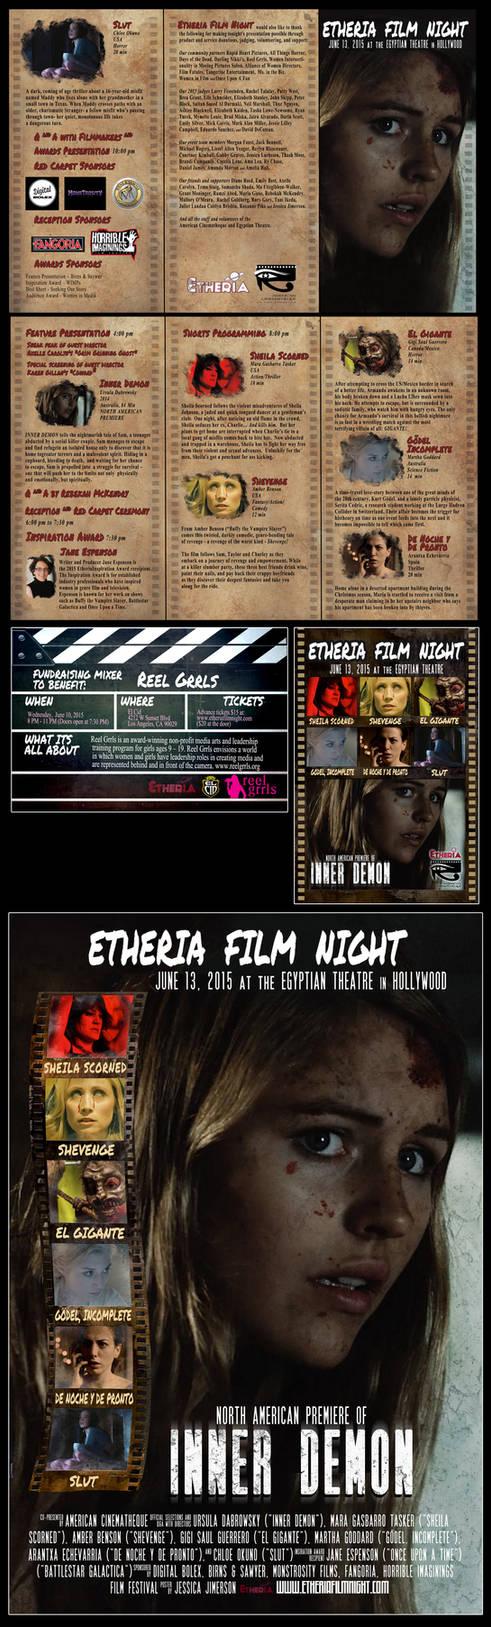 Etheria Film Night brochure/poster/flyer/etc 2015 by JessHavok